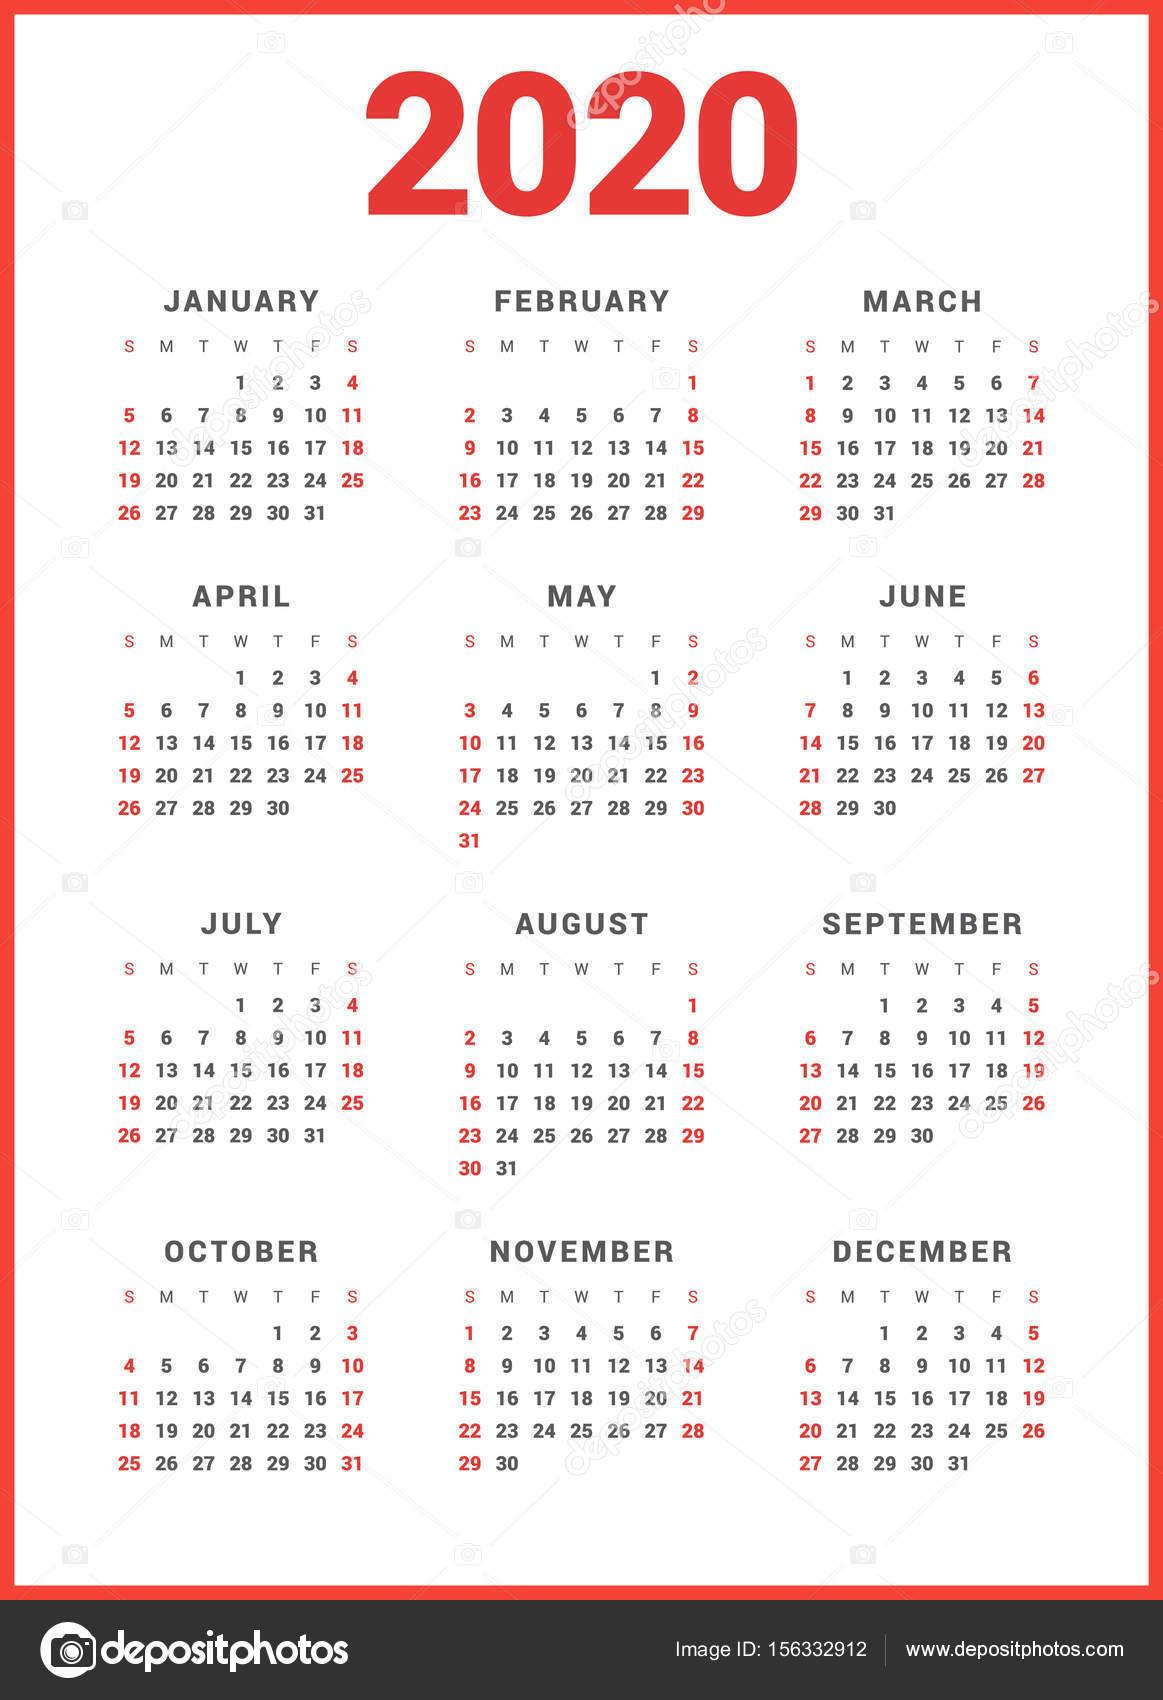 Calendario Por Semanas 2020.Calendario Para El Ano 2020 Sobre Fondo Blanco Comienza La Semana